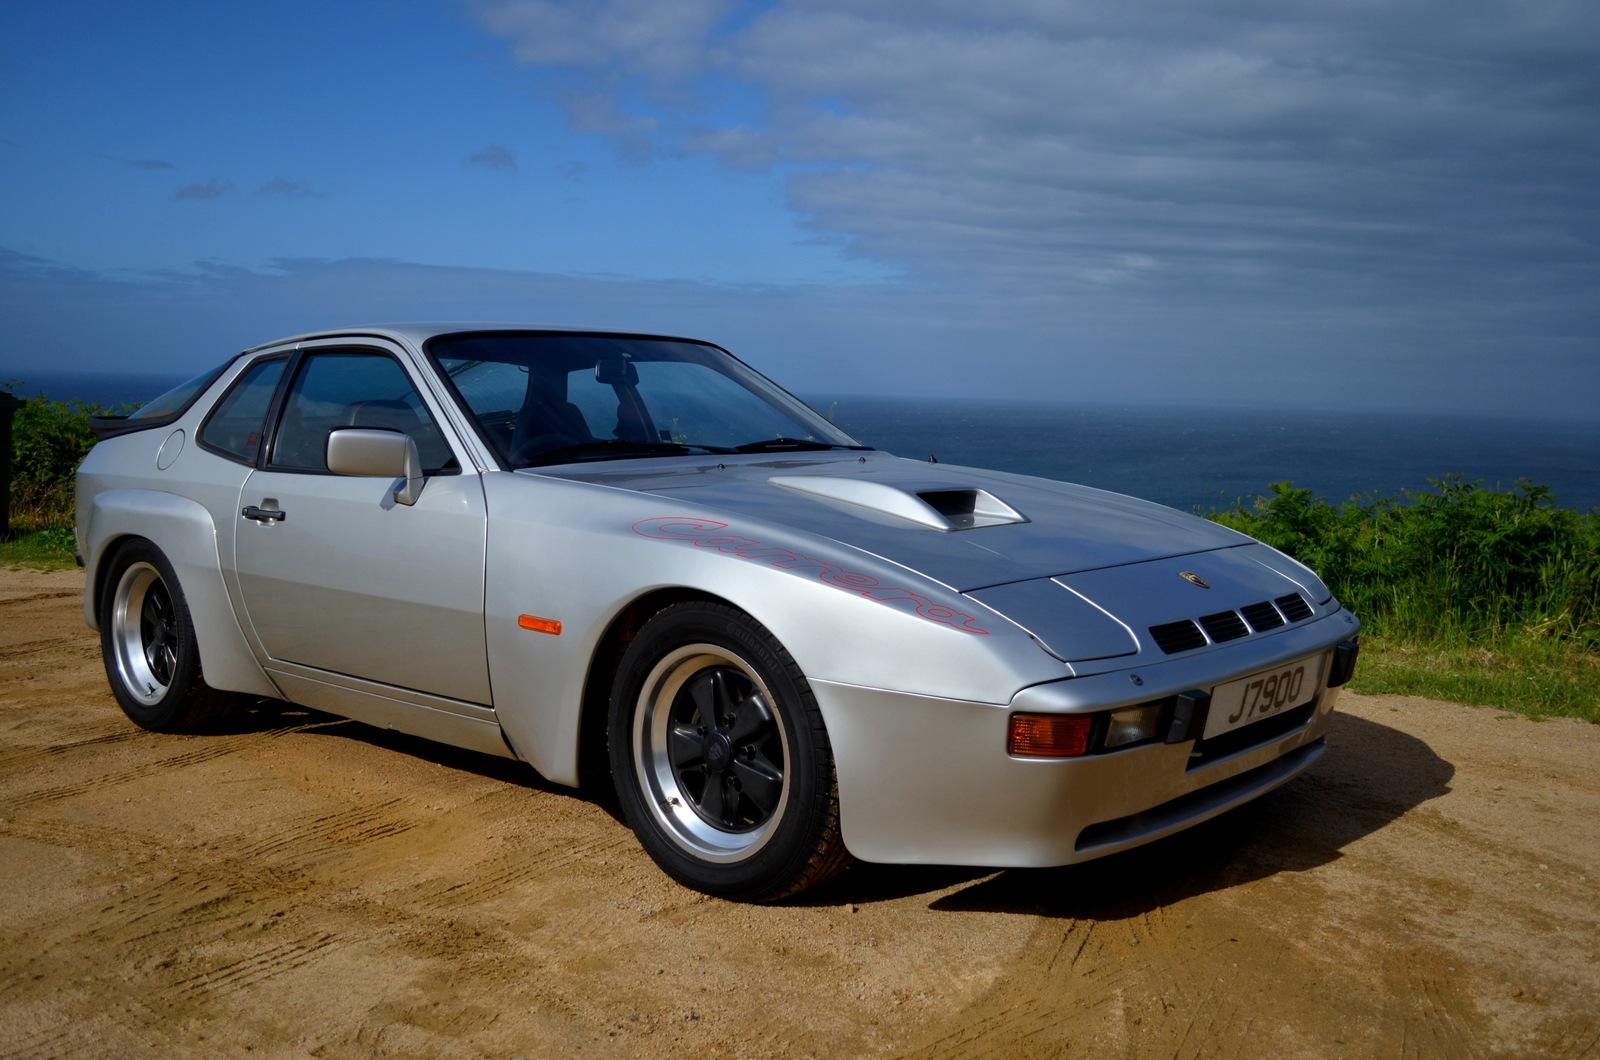 Island Home A Rare 924 Porsche Gt Story Classic Car